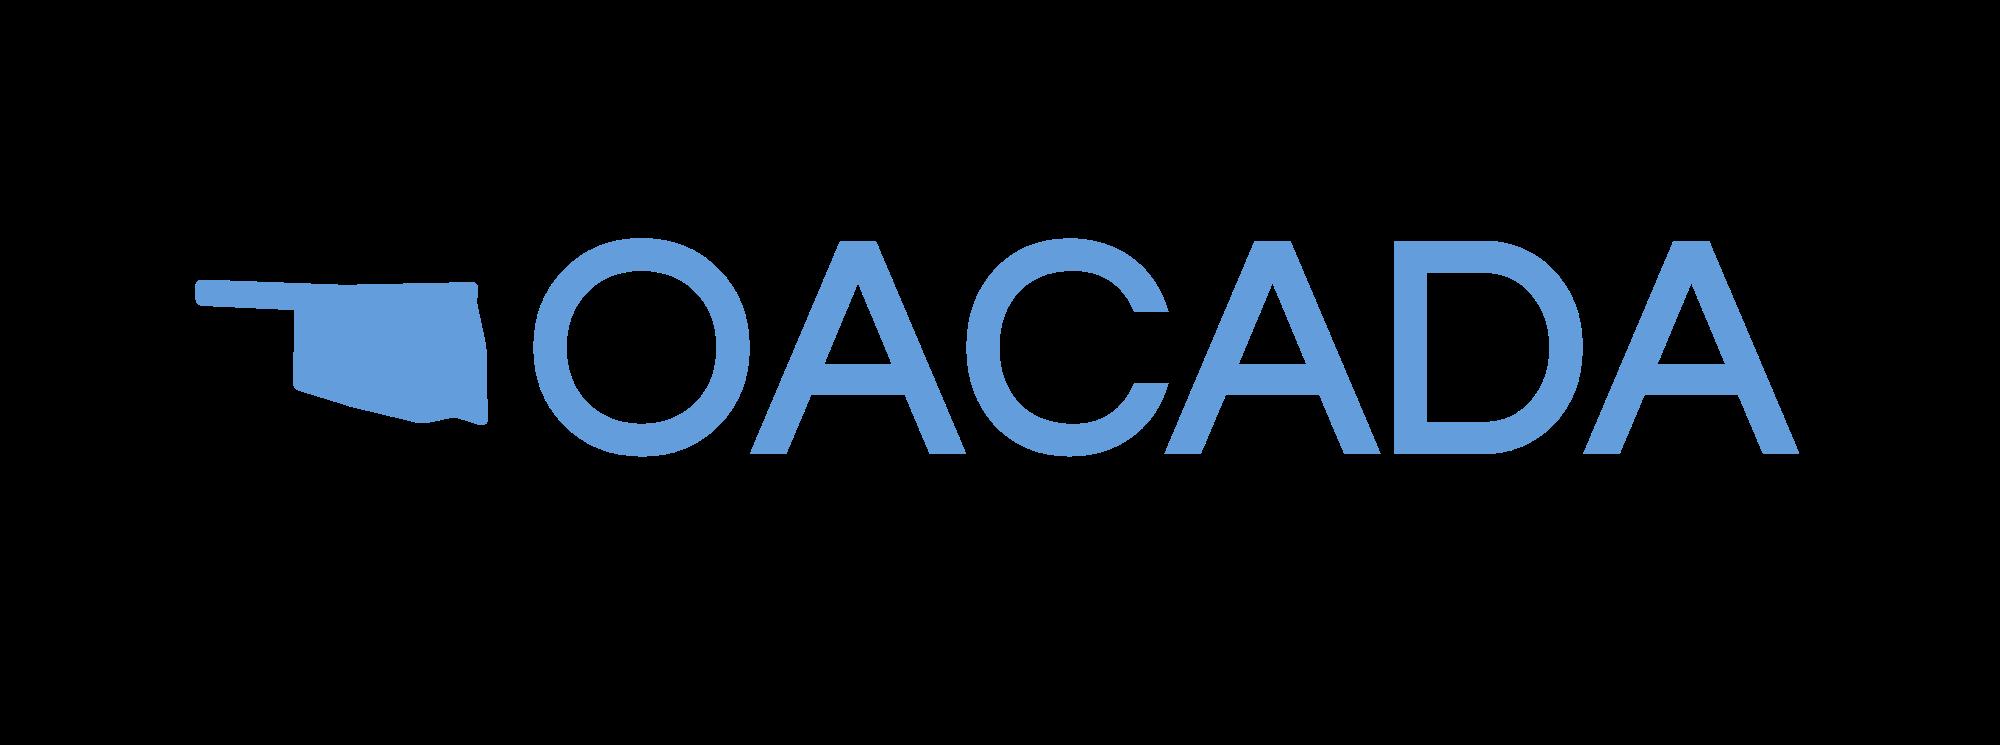 OACADA-logo.png